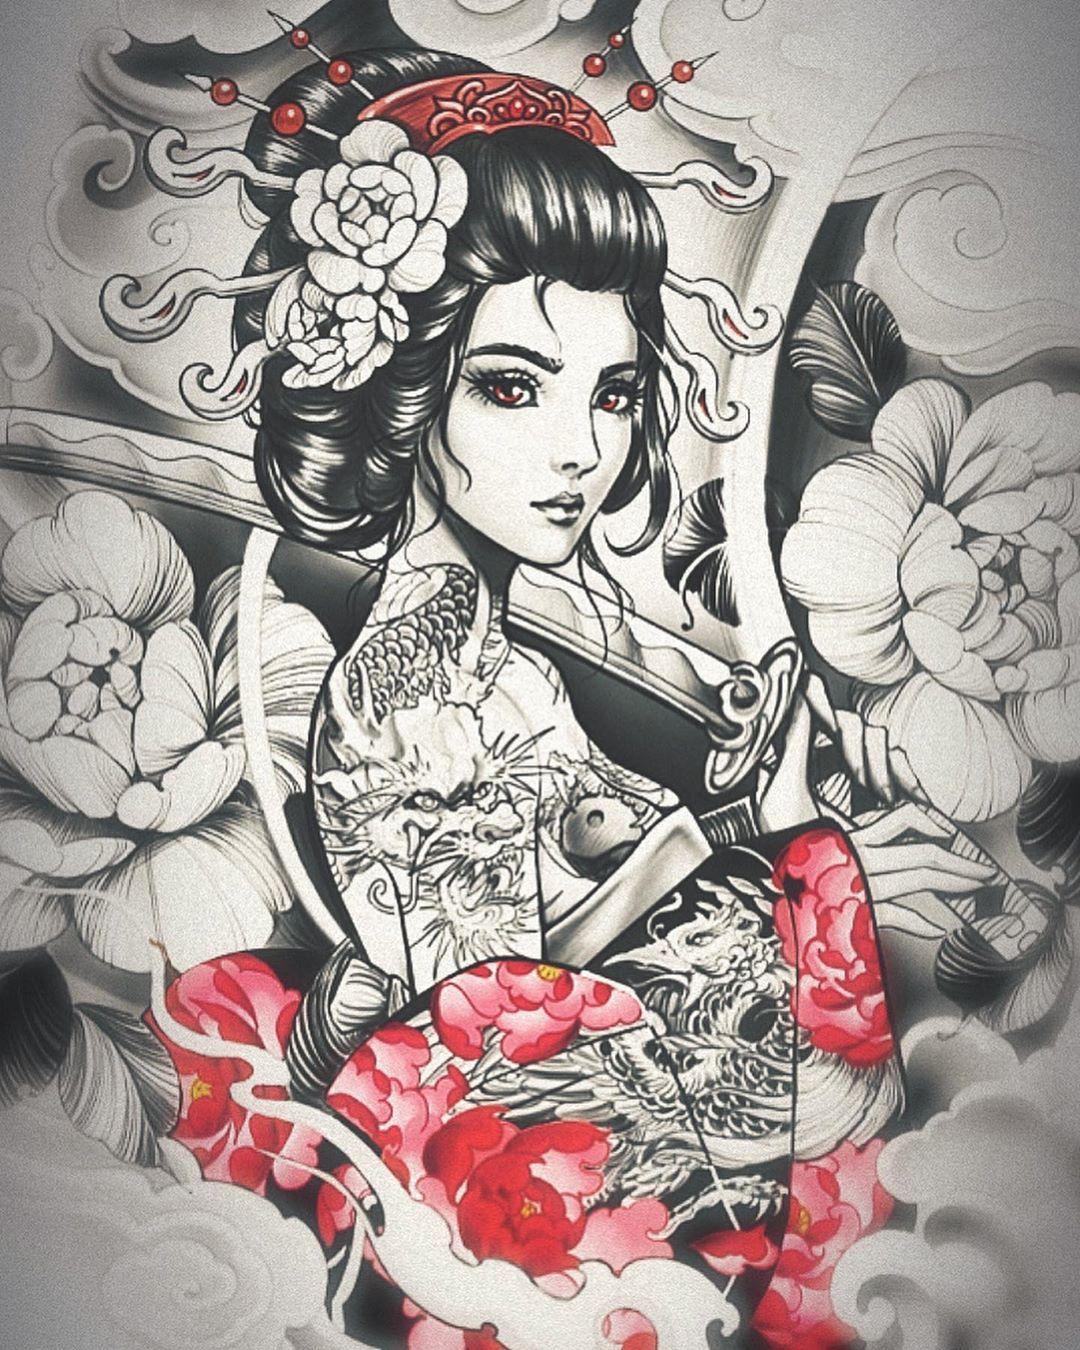 Cindy Liu tren Instagram No name em Tatuagem